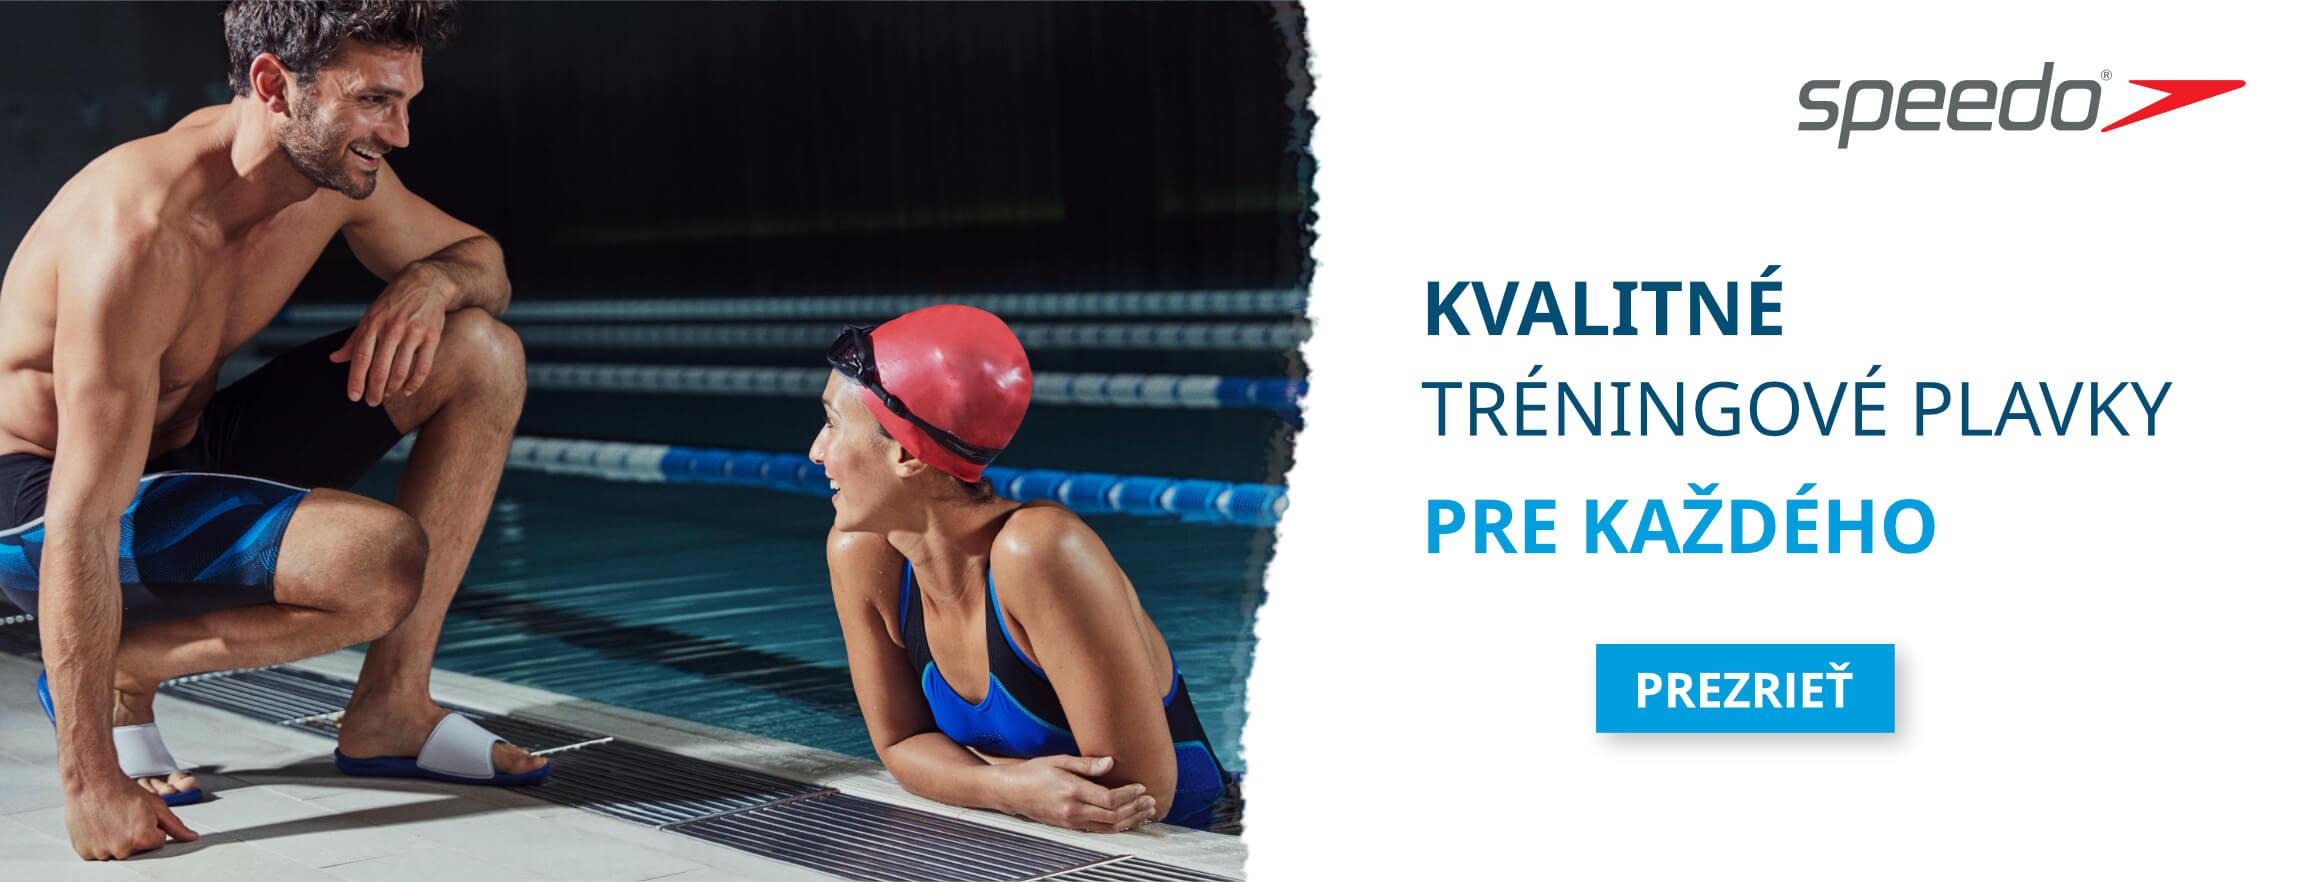 Kvalitné tréningové plavky pre každého